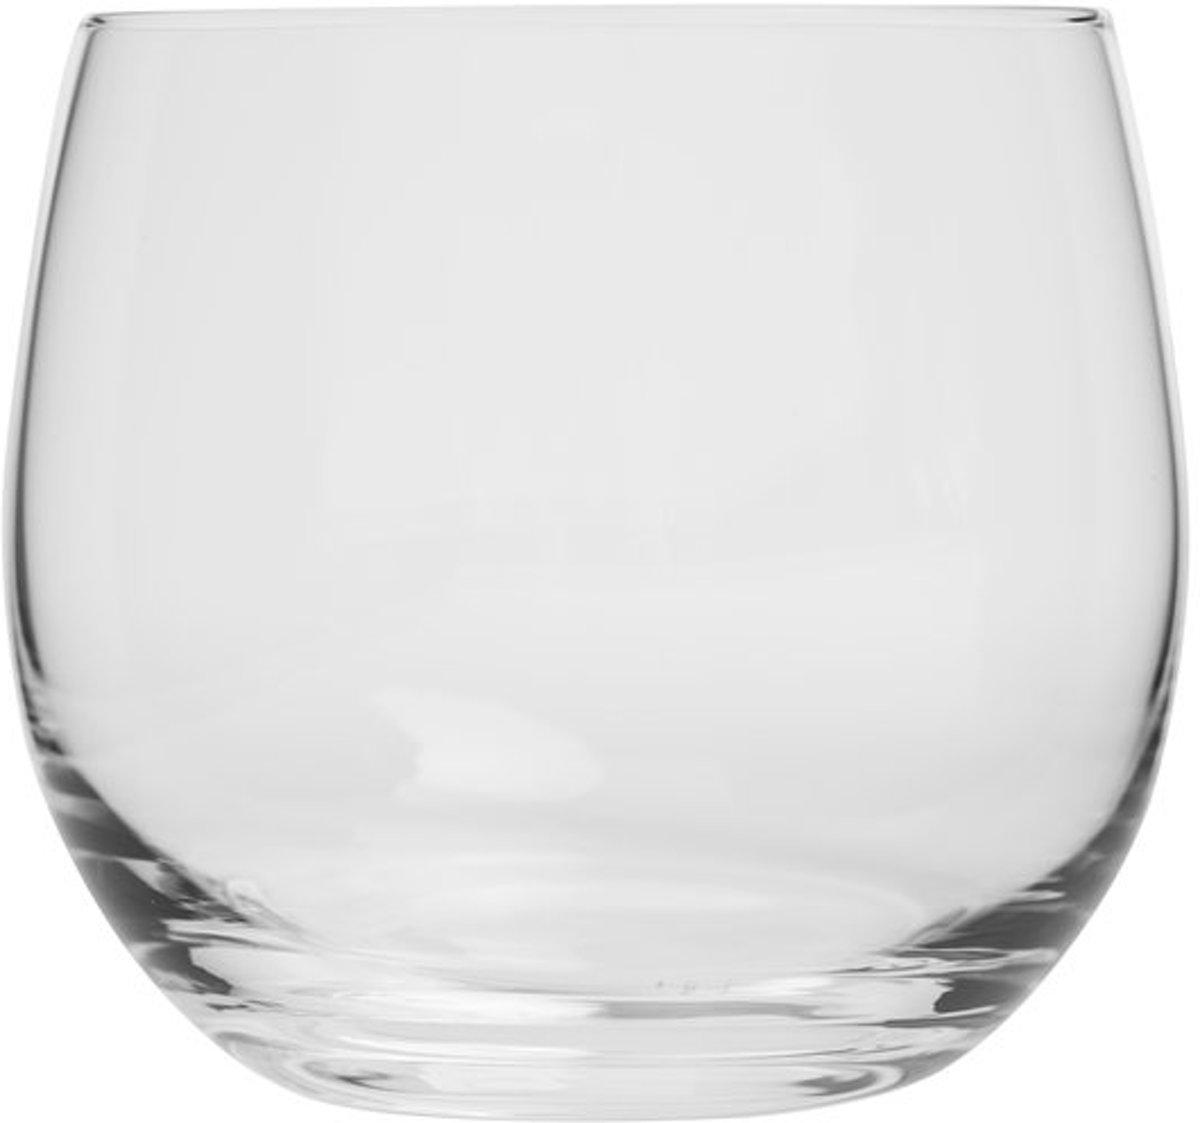 Schott Zwiesel Banquet Whiskyglas - 0,4 l - 6 Stuks kopen